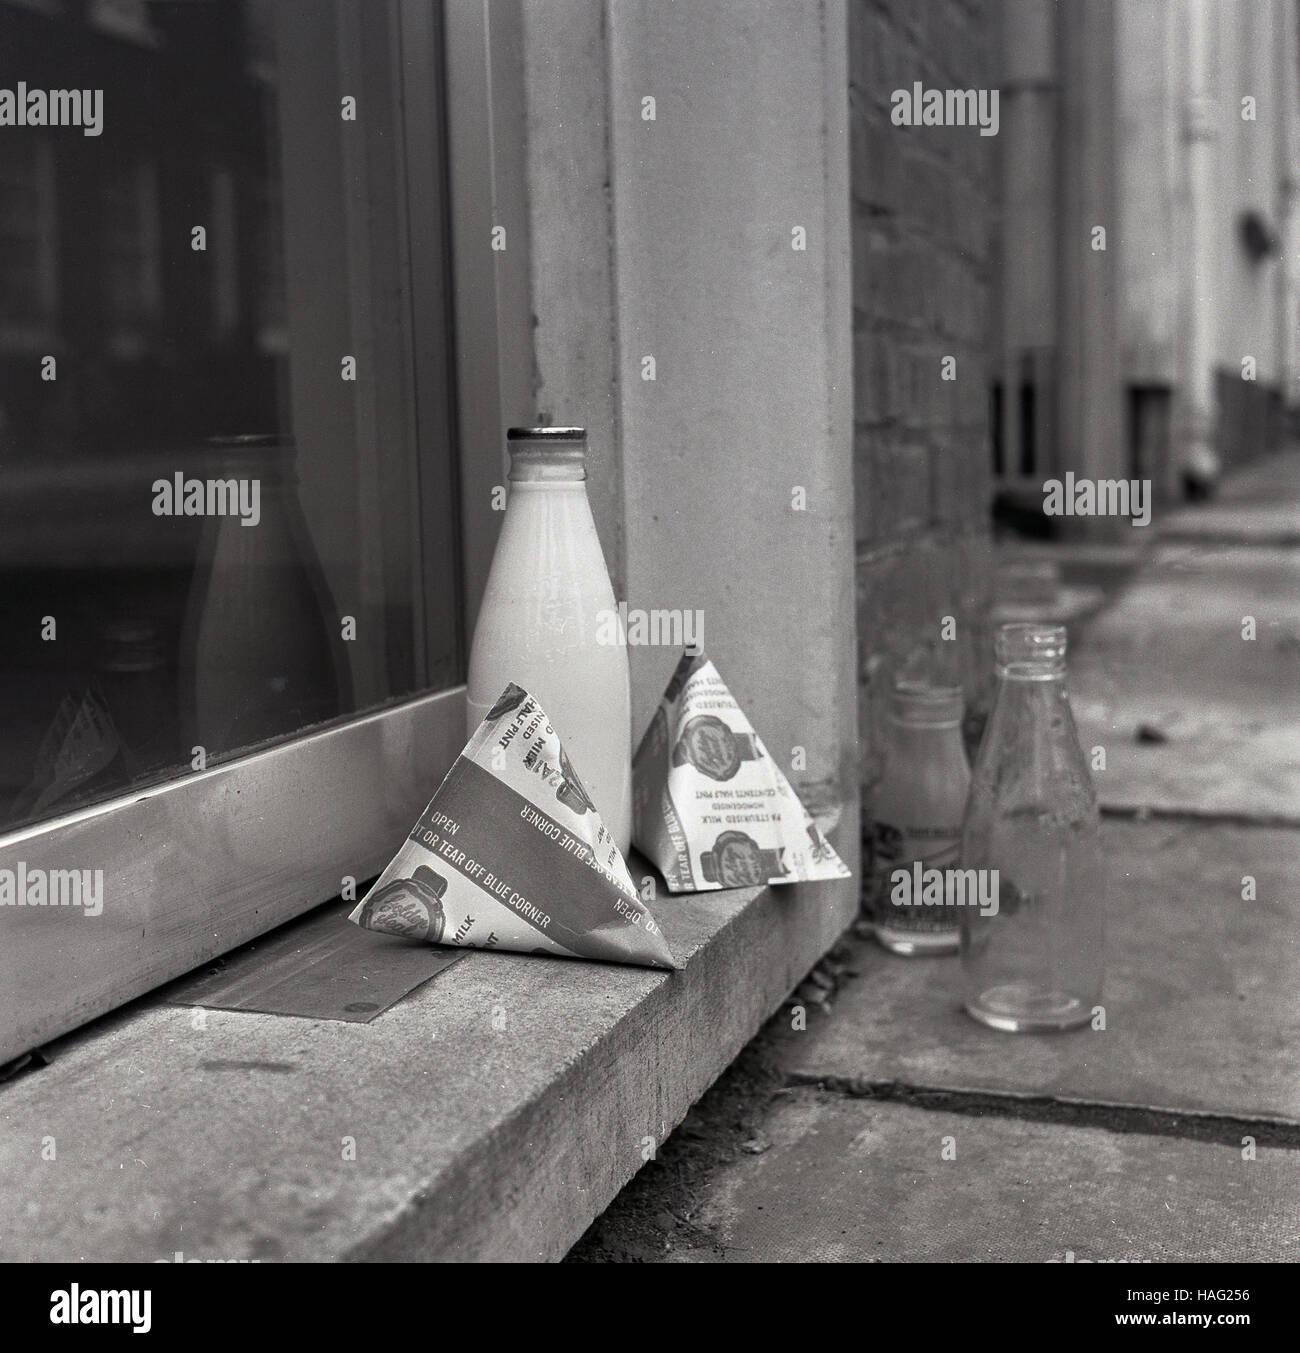 1965, historiques, une pinte de lait et bouteille de verre taille deux cartons de lait s'asseoir sur une maison Photo Stock